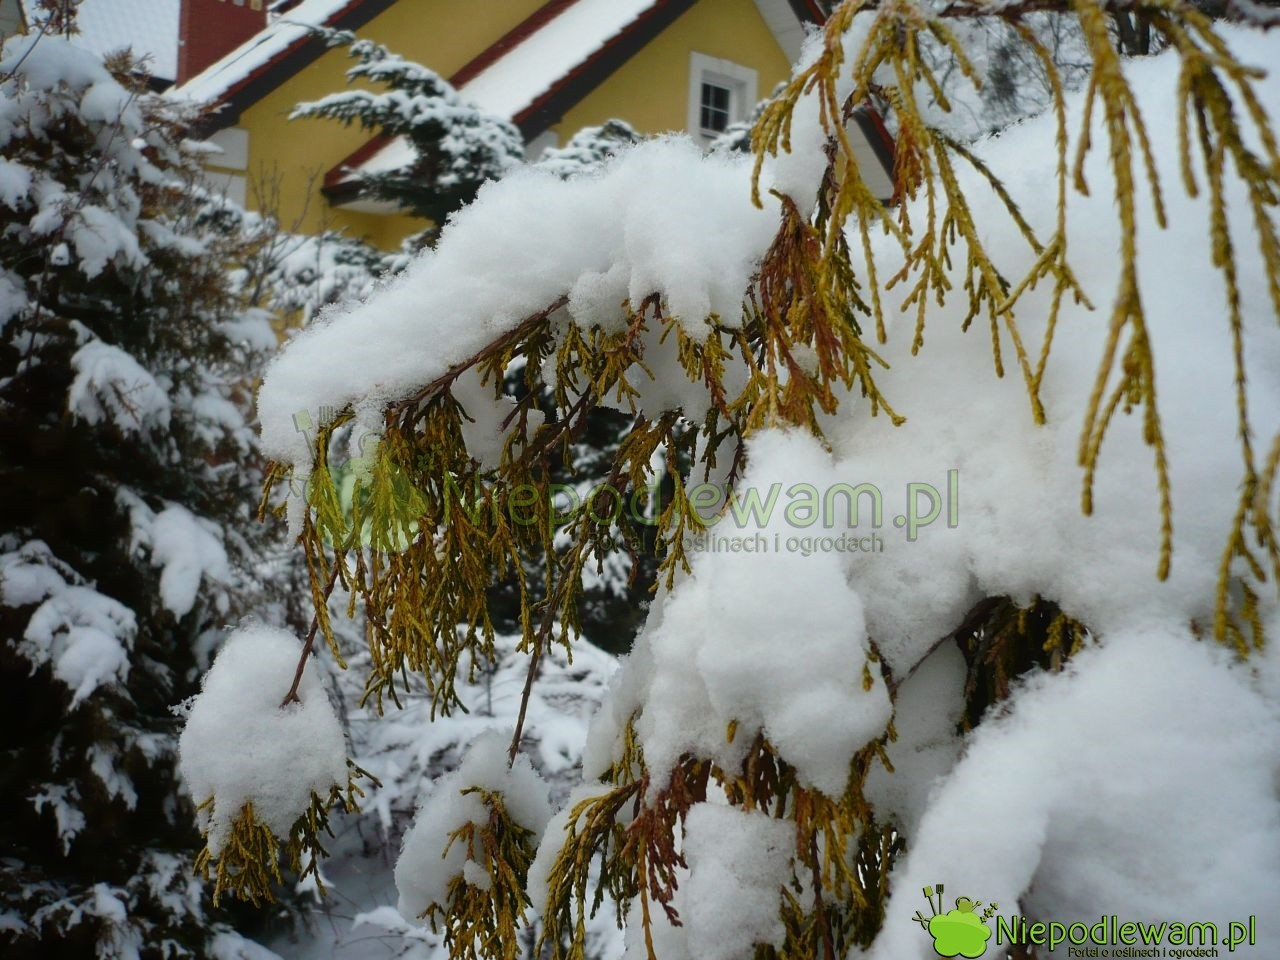 Luty w ogrodzie często jest śnieżny. Zdarzają się też lata, gdy pogoda jest wiosenna. Fot. Niepodlewam